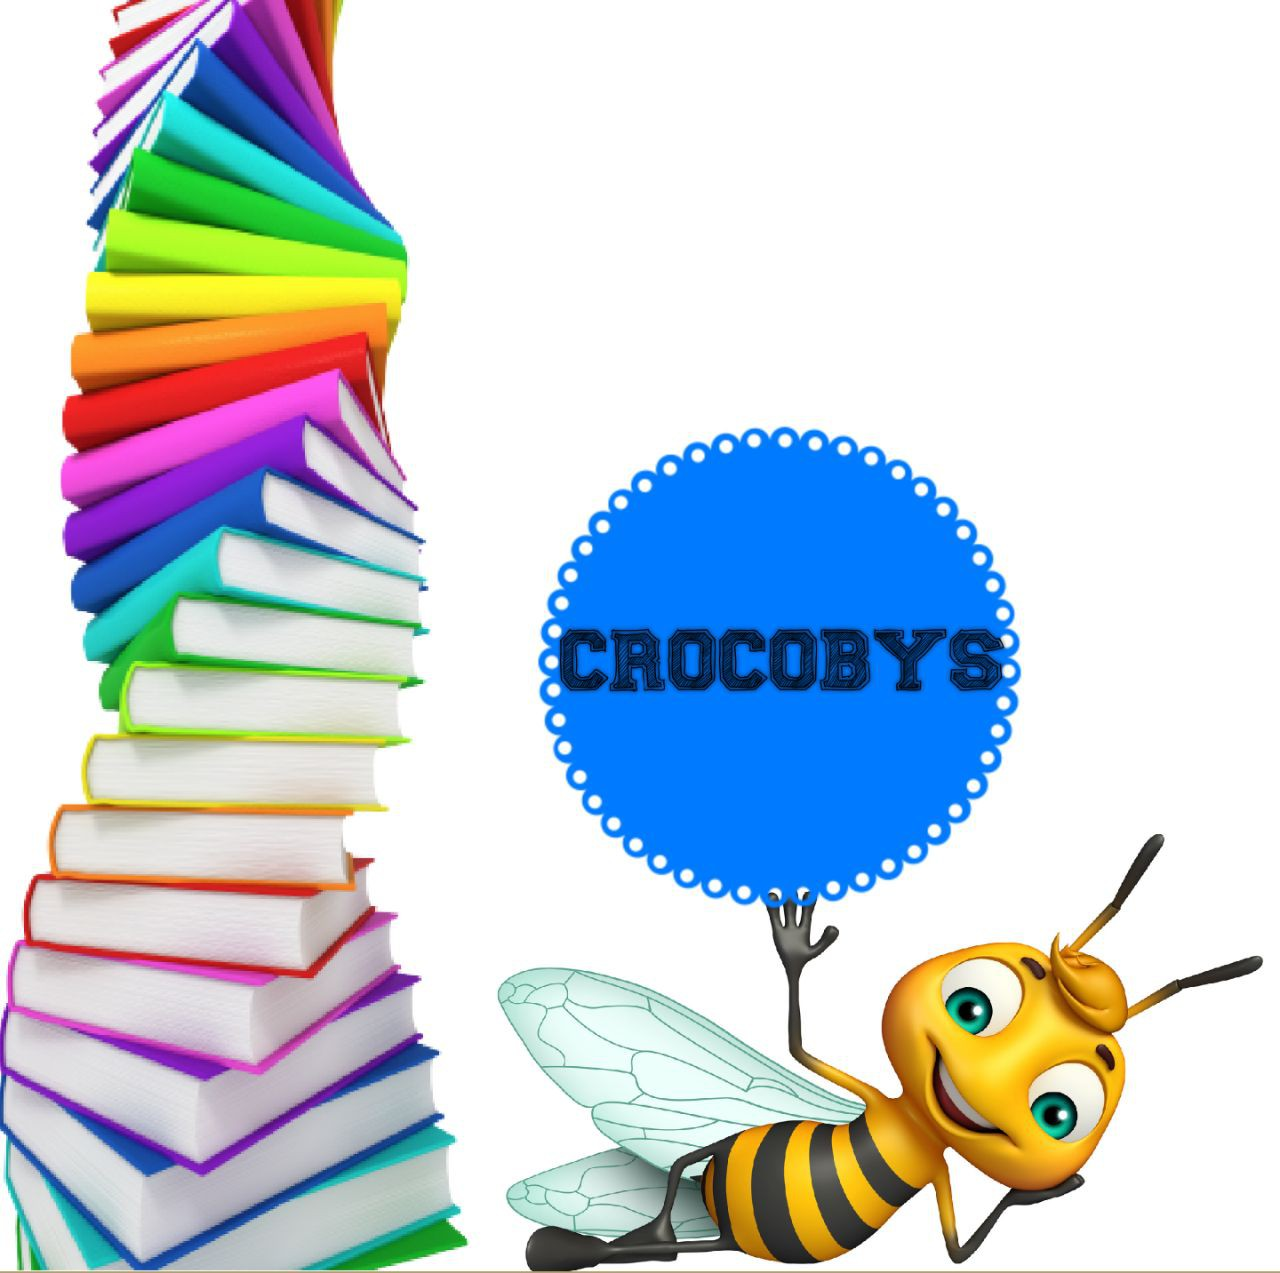 CROCOBYS (5 à 8 ans)